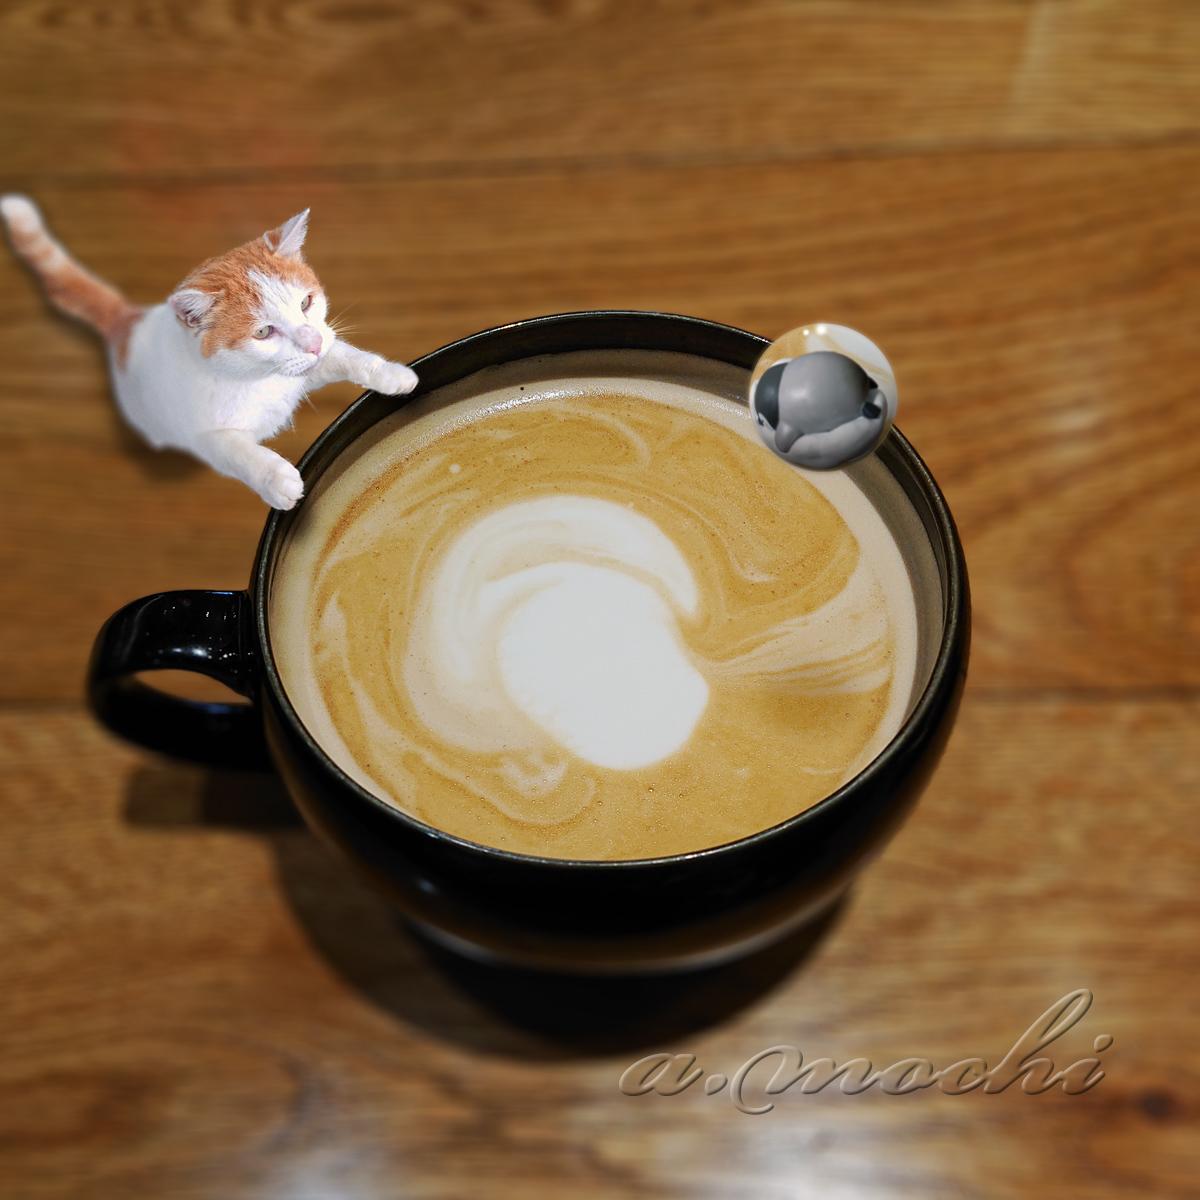 1_siatlecoffee3_sbclate.jpg